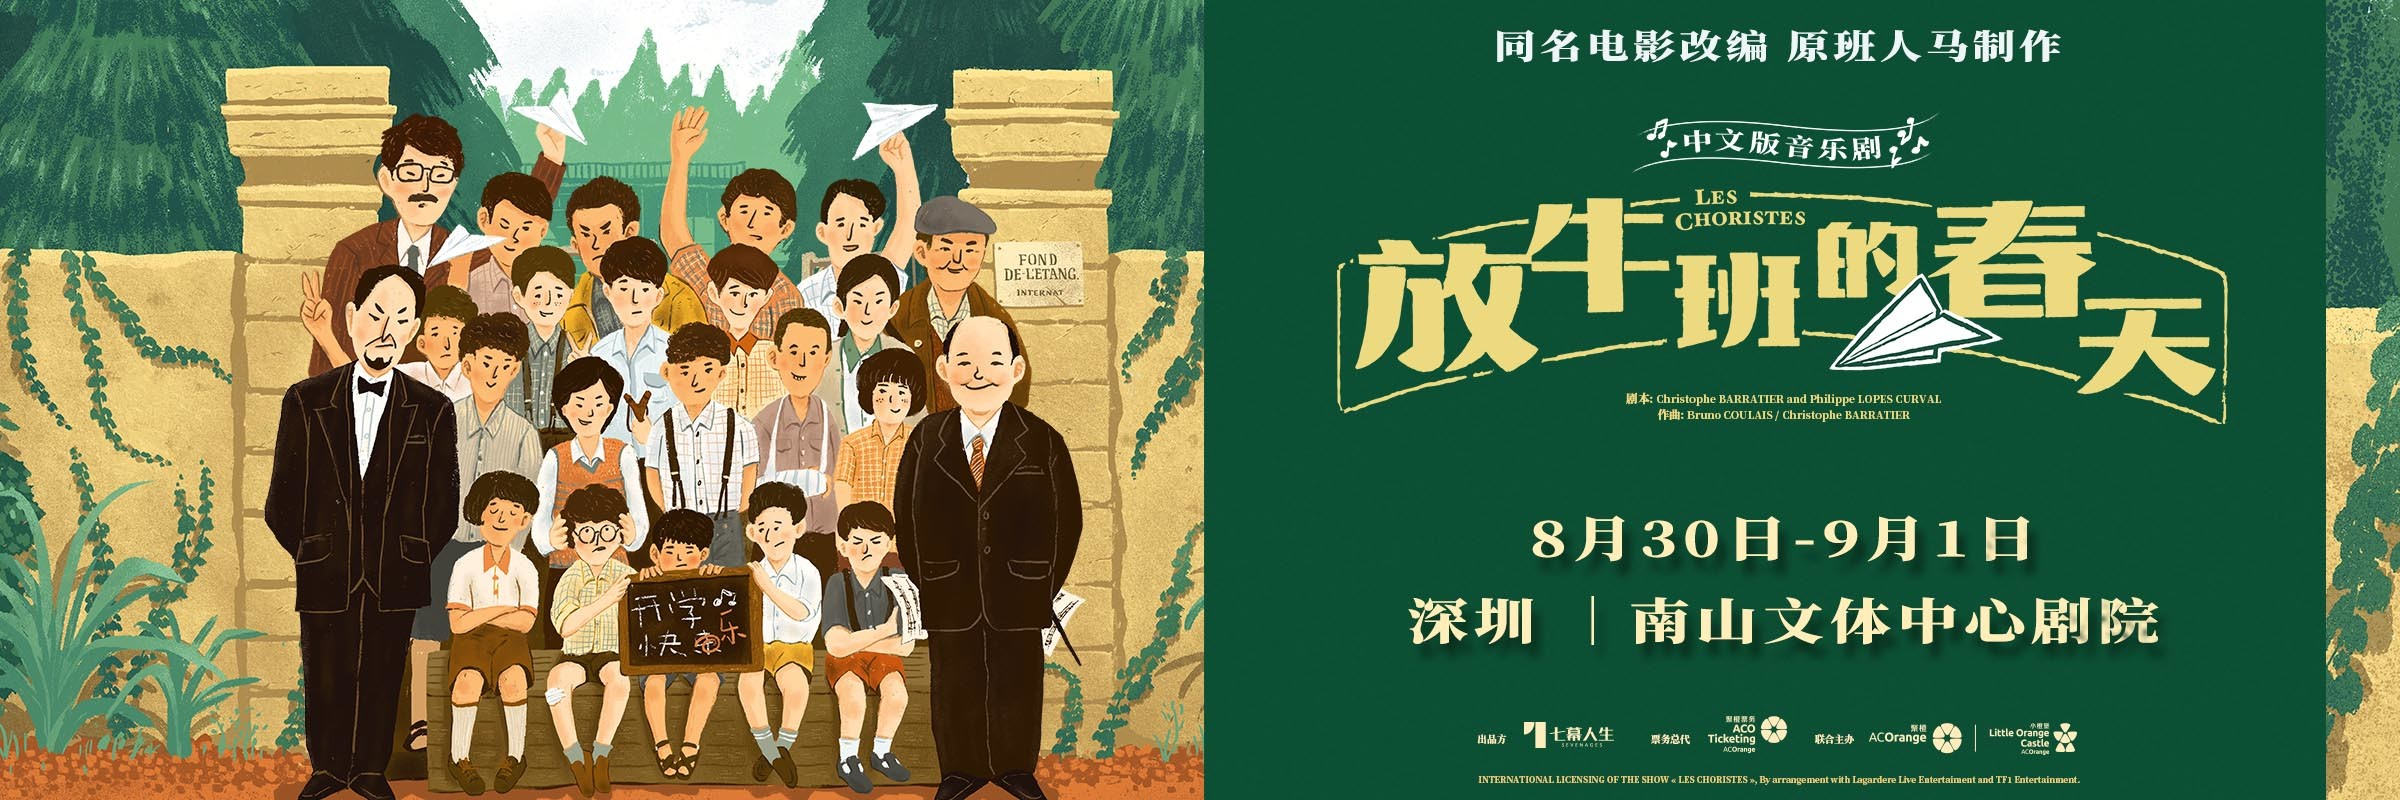 法國音樂劇《放牛班的春天》中文版 暖心上演--深圳